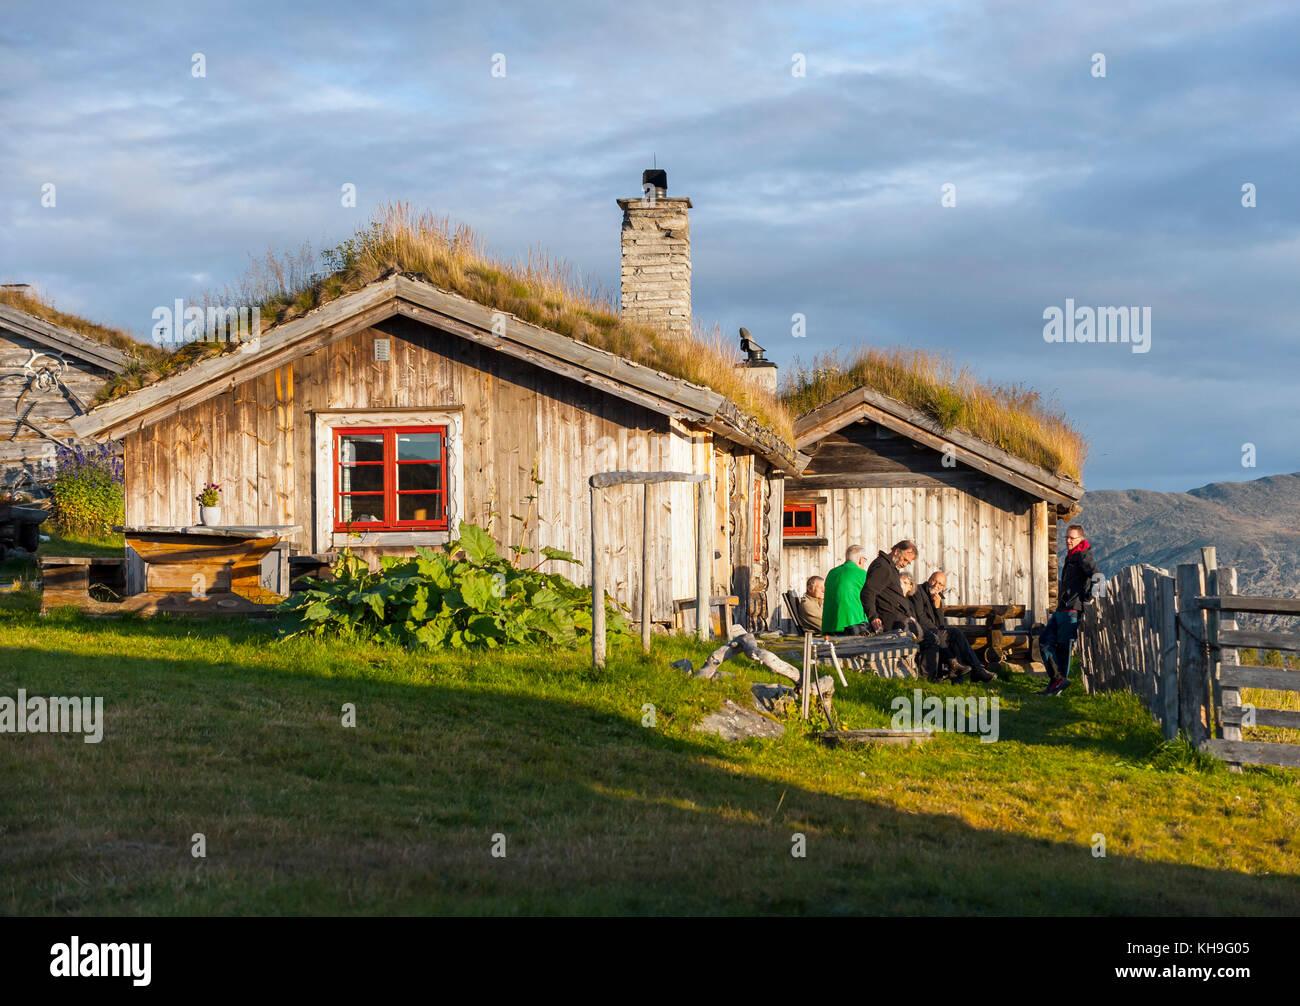 Sheeling Stock Photos & Sheeling Stock Images - Alamy